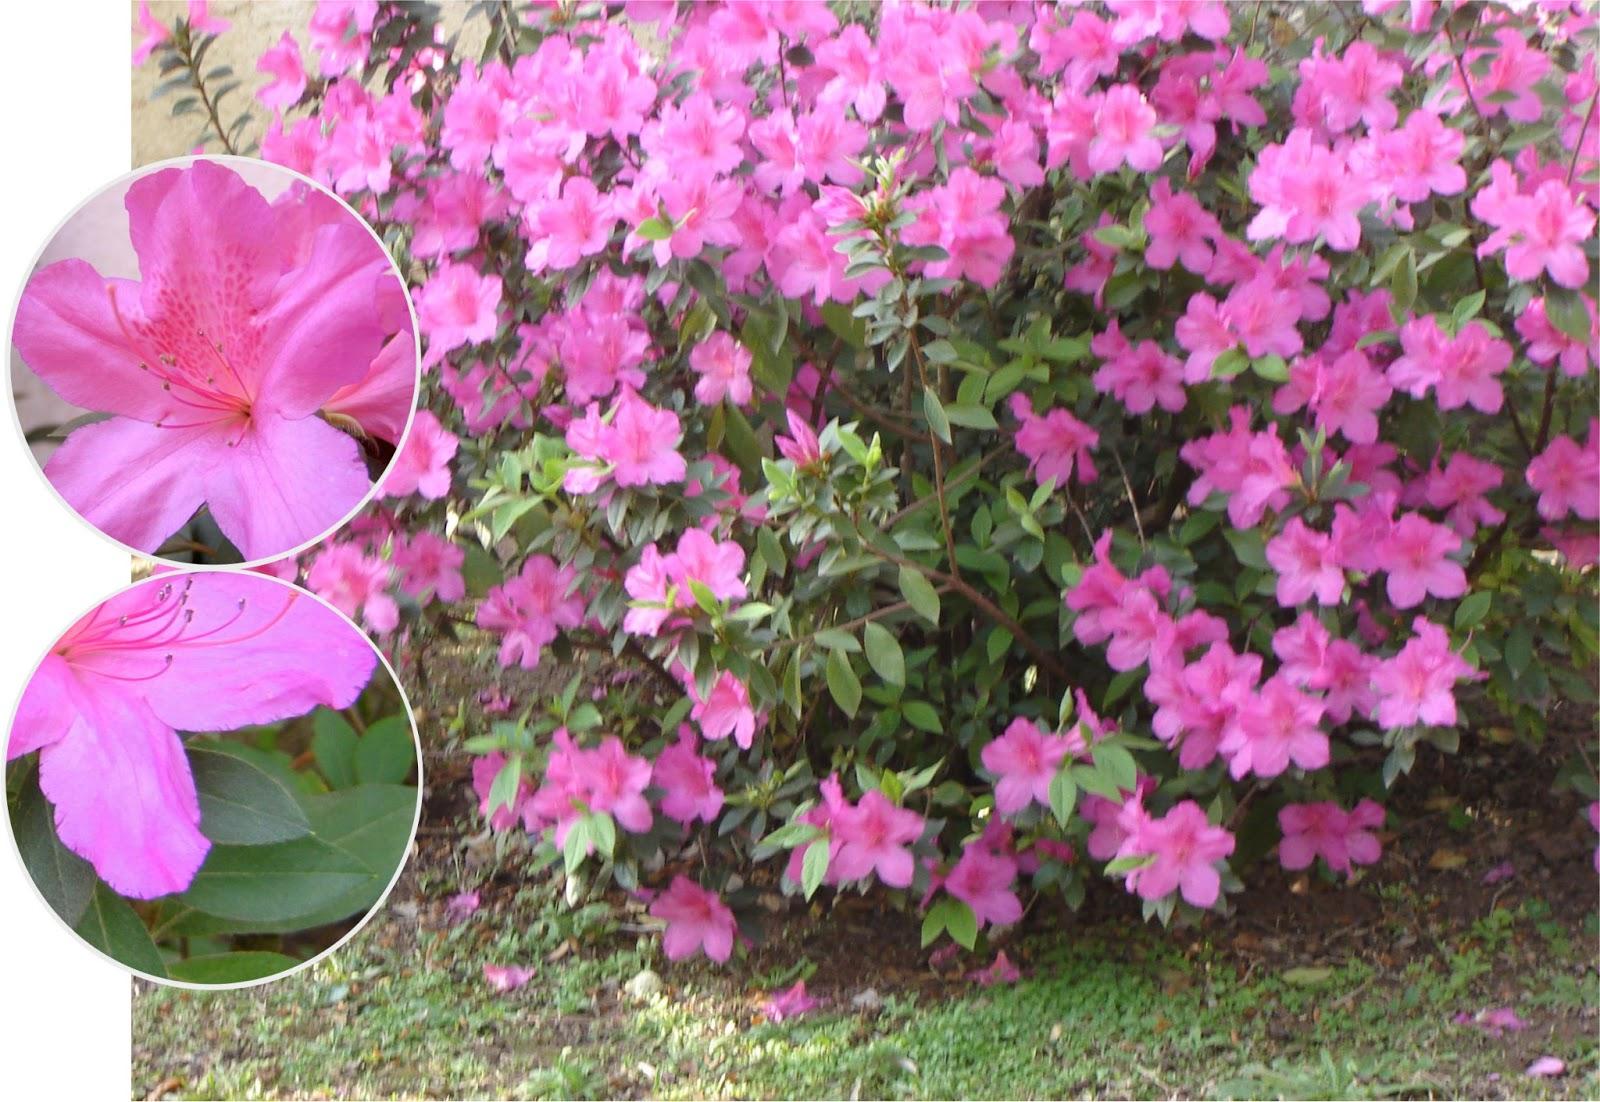 V e r d e c h a c o azaleas rododendro - Rododendro arbol ...